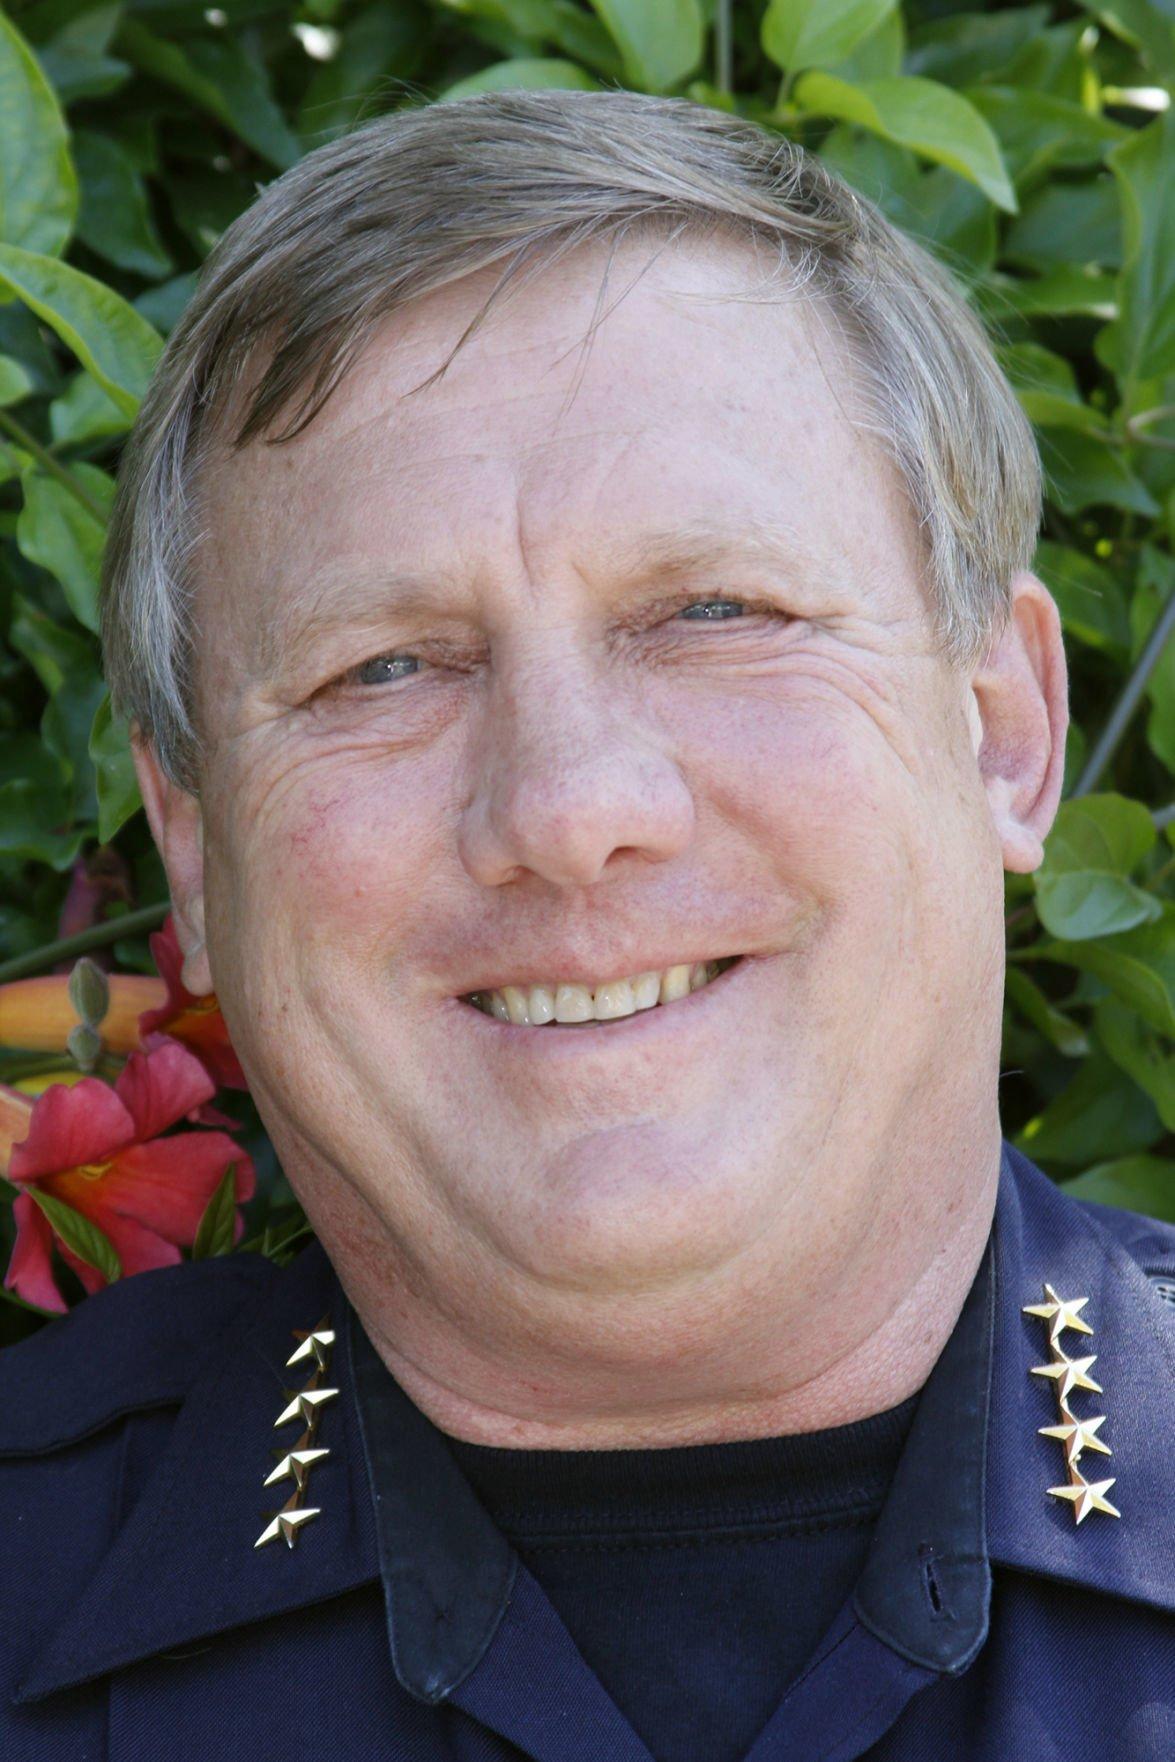 Napa Police Chief Steve Potter